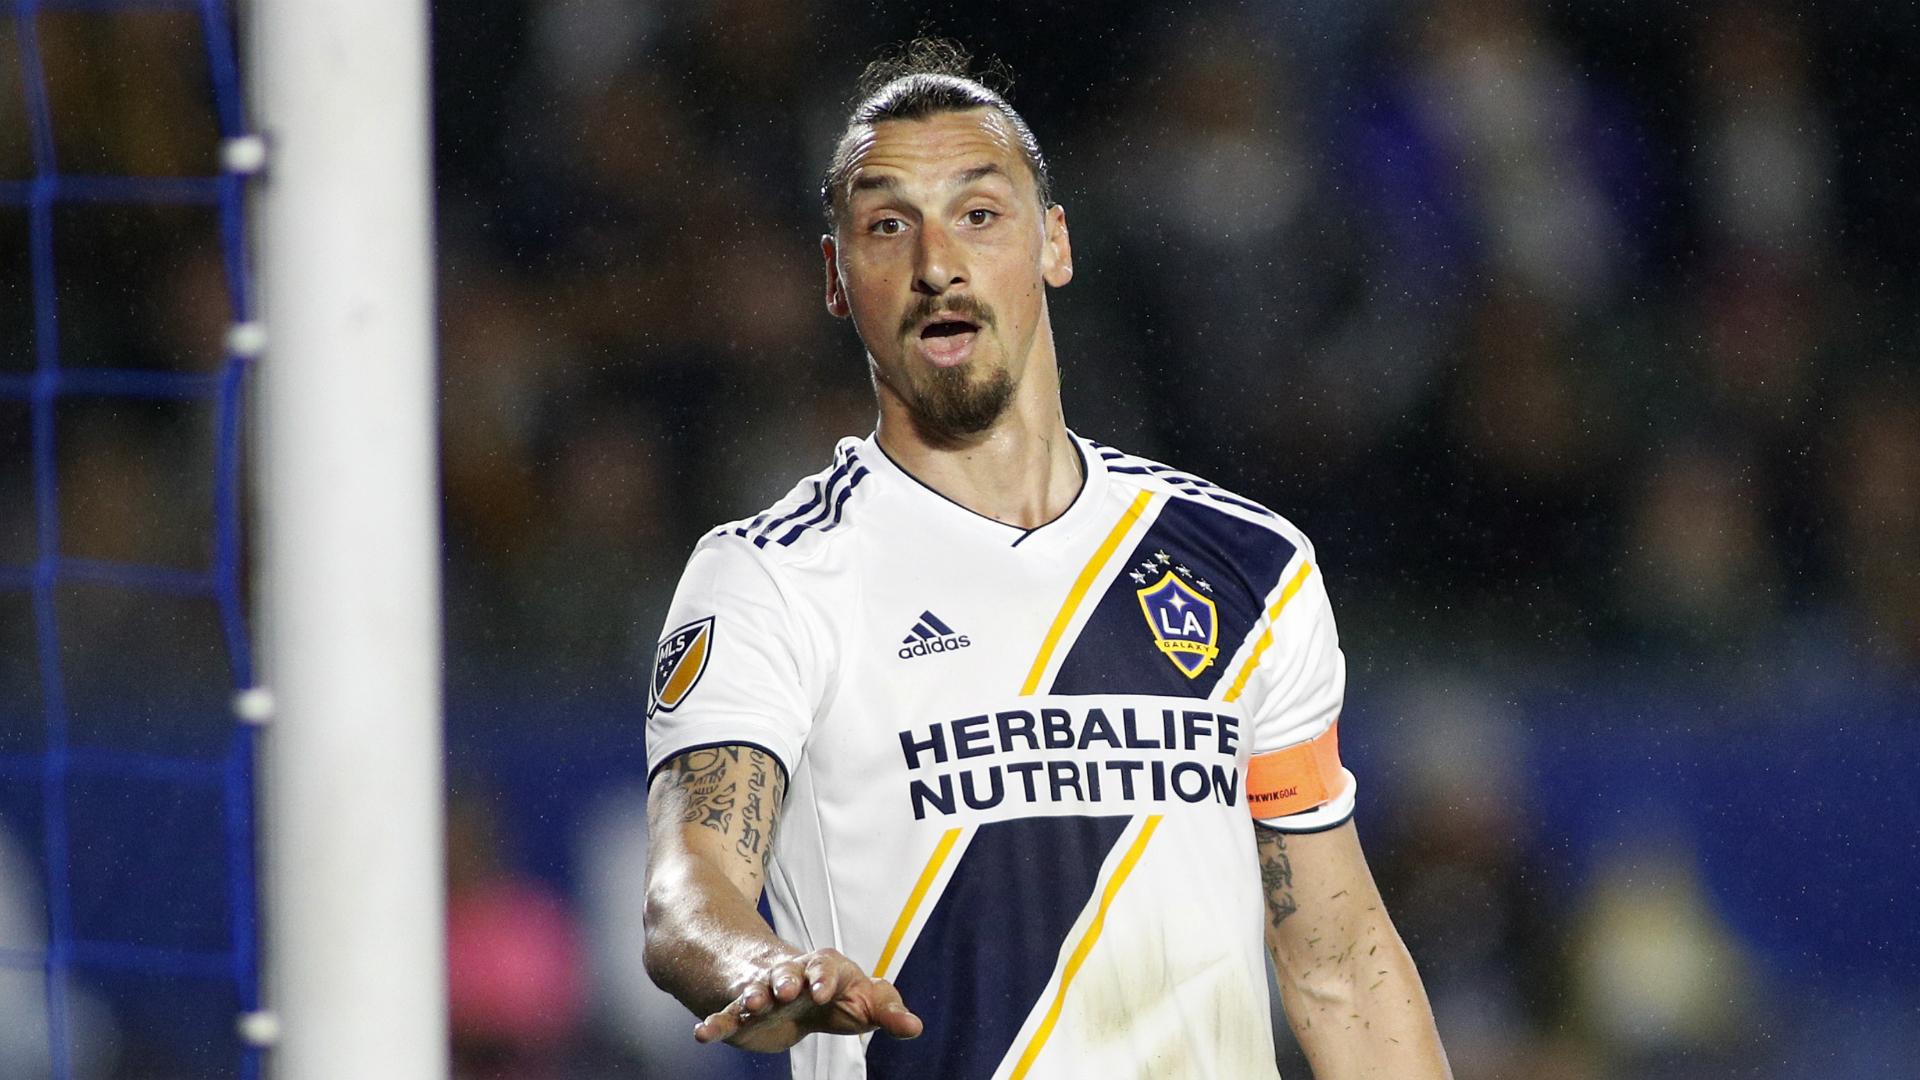 ¡Cocinan fichaje bomba en Boca Juniors! Zlatan podría jugar para los xeniezes